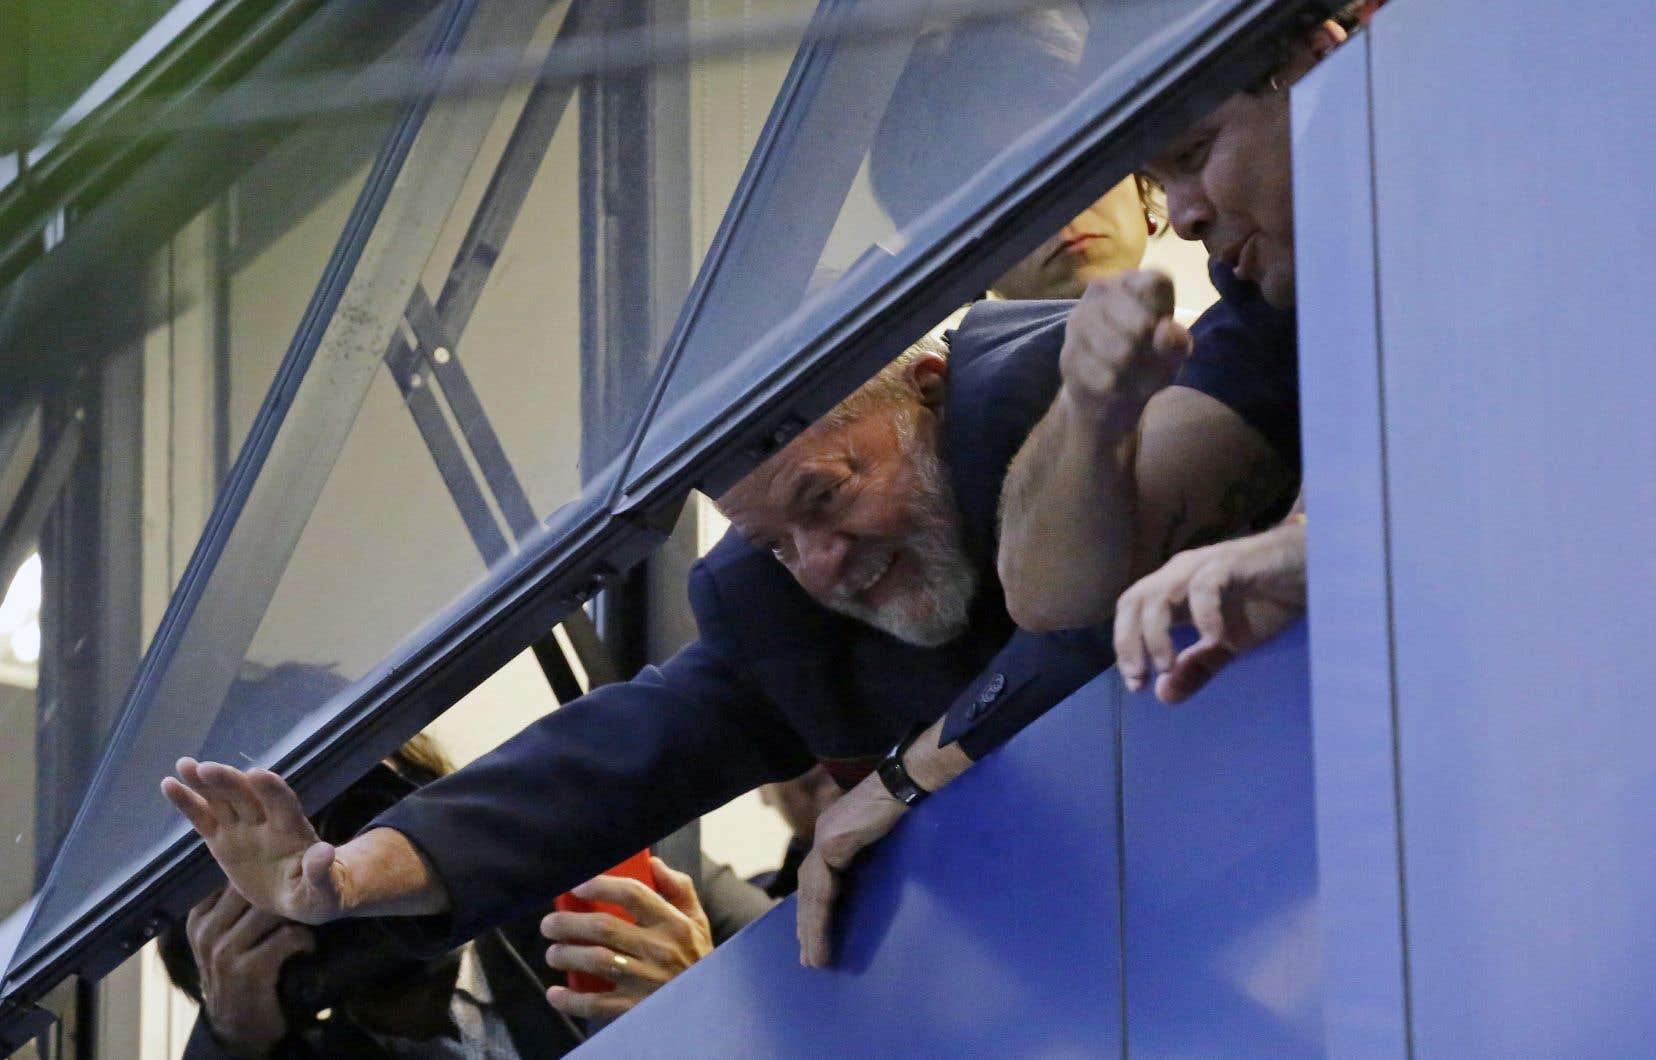 Environ une demi-heure après la fin du délai, l'ex-président est apparu à la fenêtre du syndicat des métallurgistes de São Bernardo do Campo, près de São Paulo, pour saluer les milliers de militants venus le soutenir.